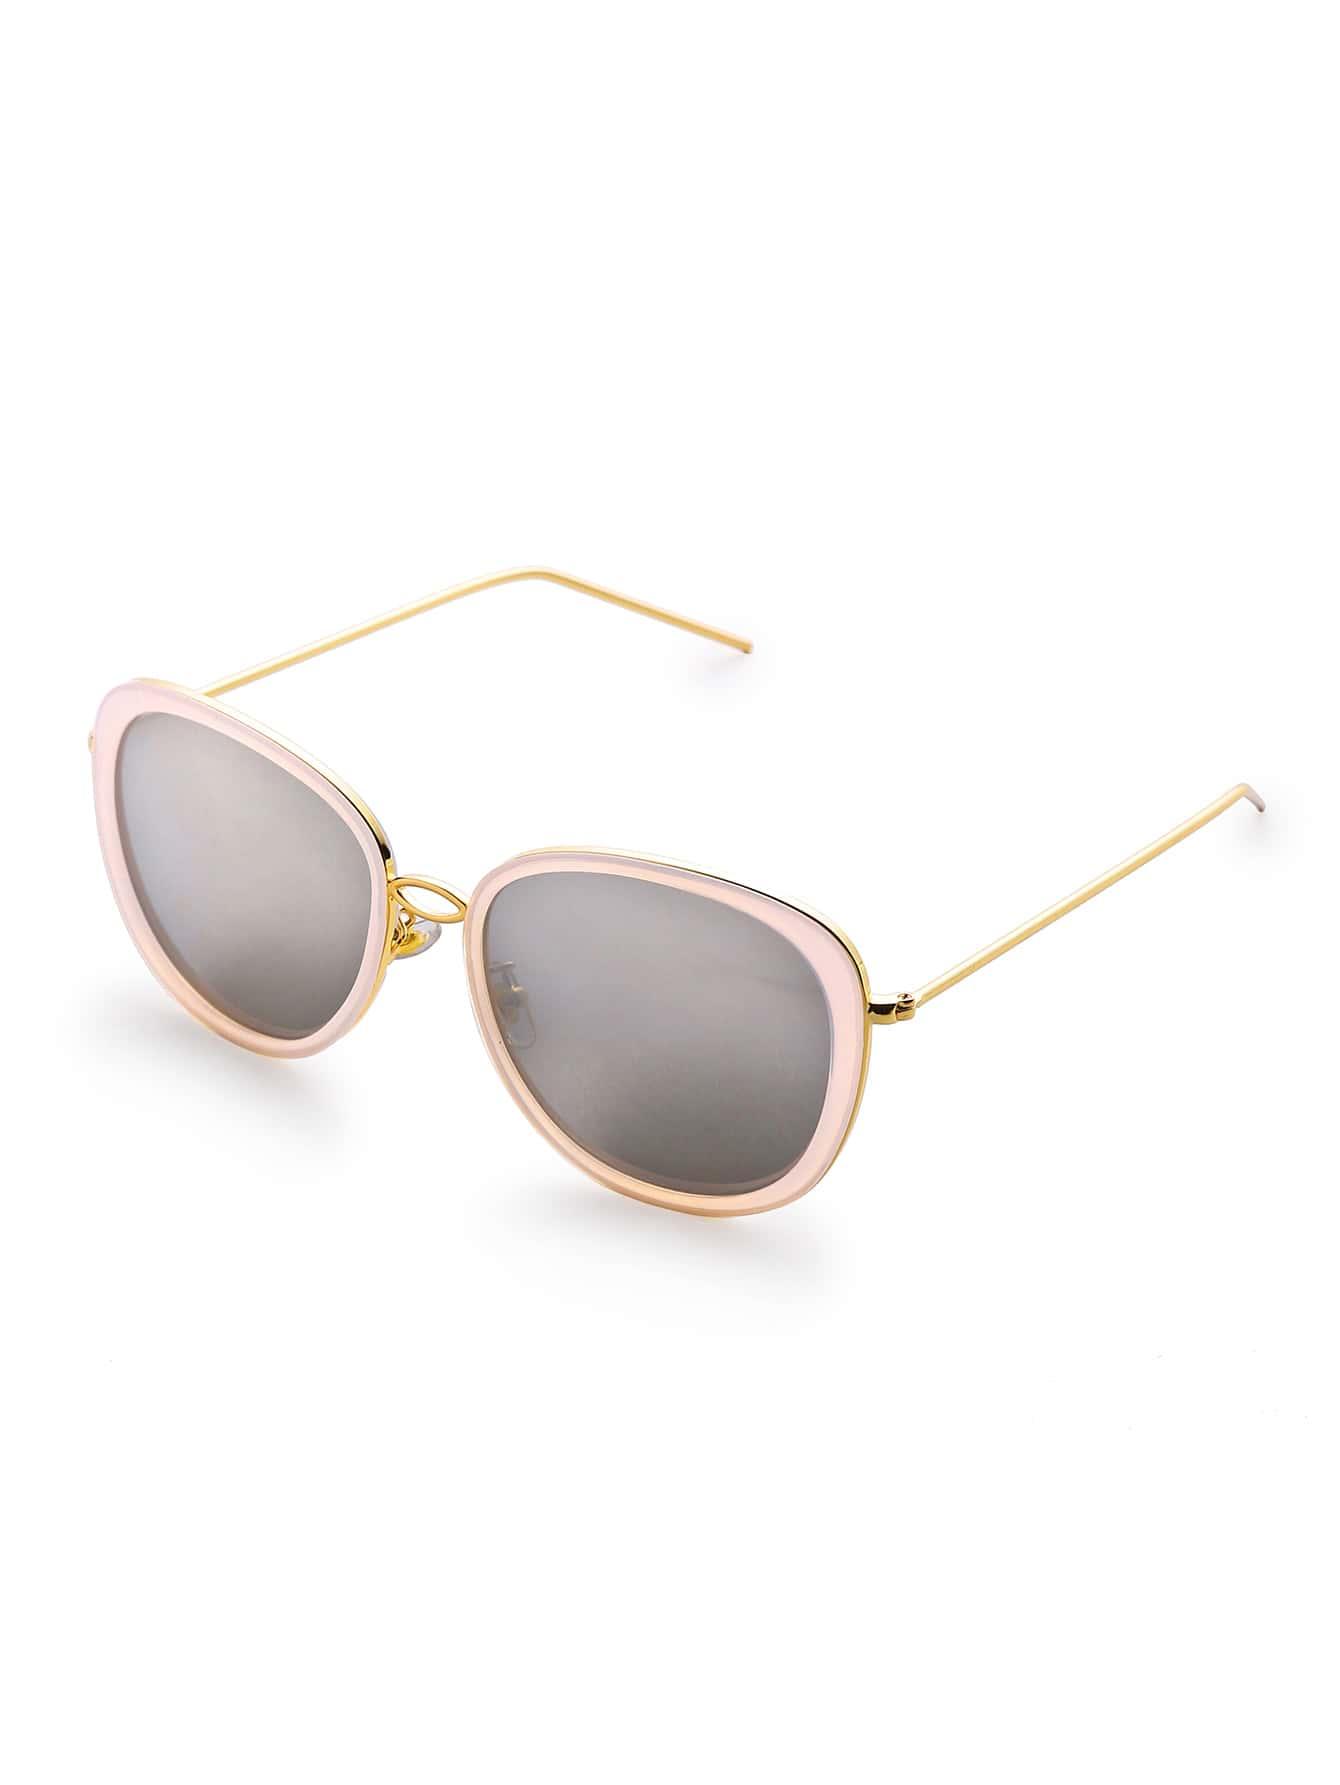 Contrast Frame Aviator Sunglasses sunglass170331305